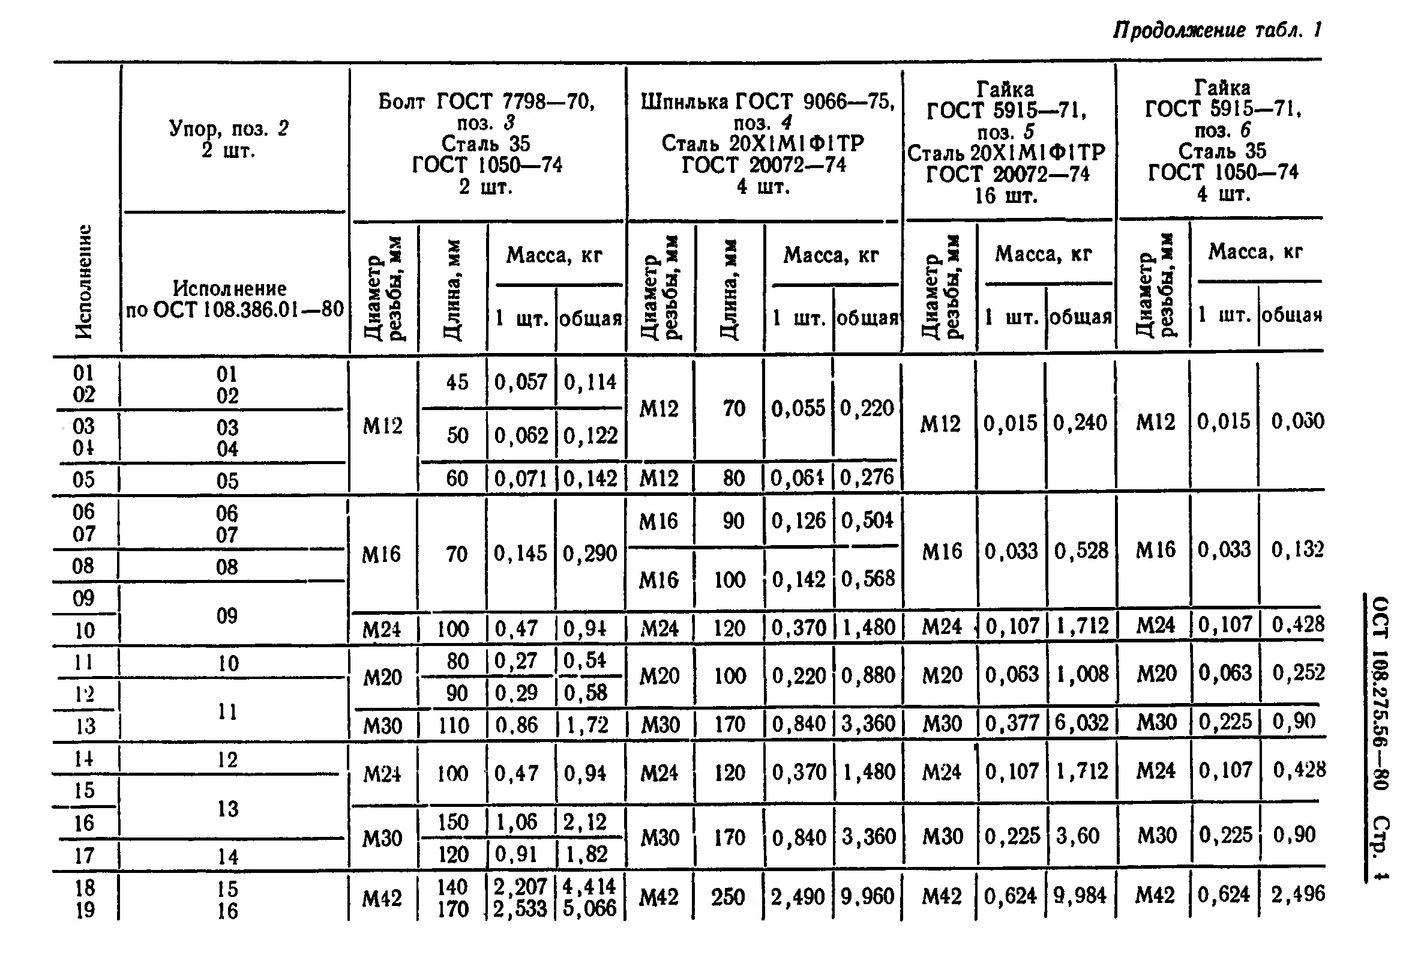 Блоки хомутовые для подвесок вертикальных трубопроводов ОСТ 108.275.56-80 стр.4